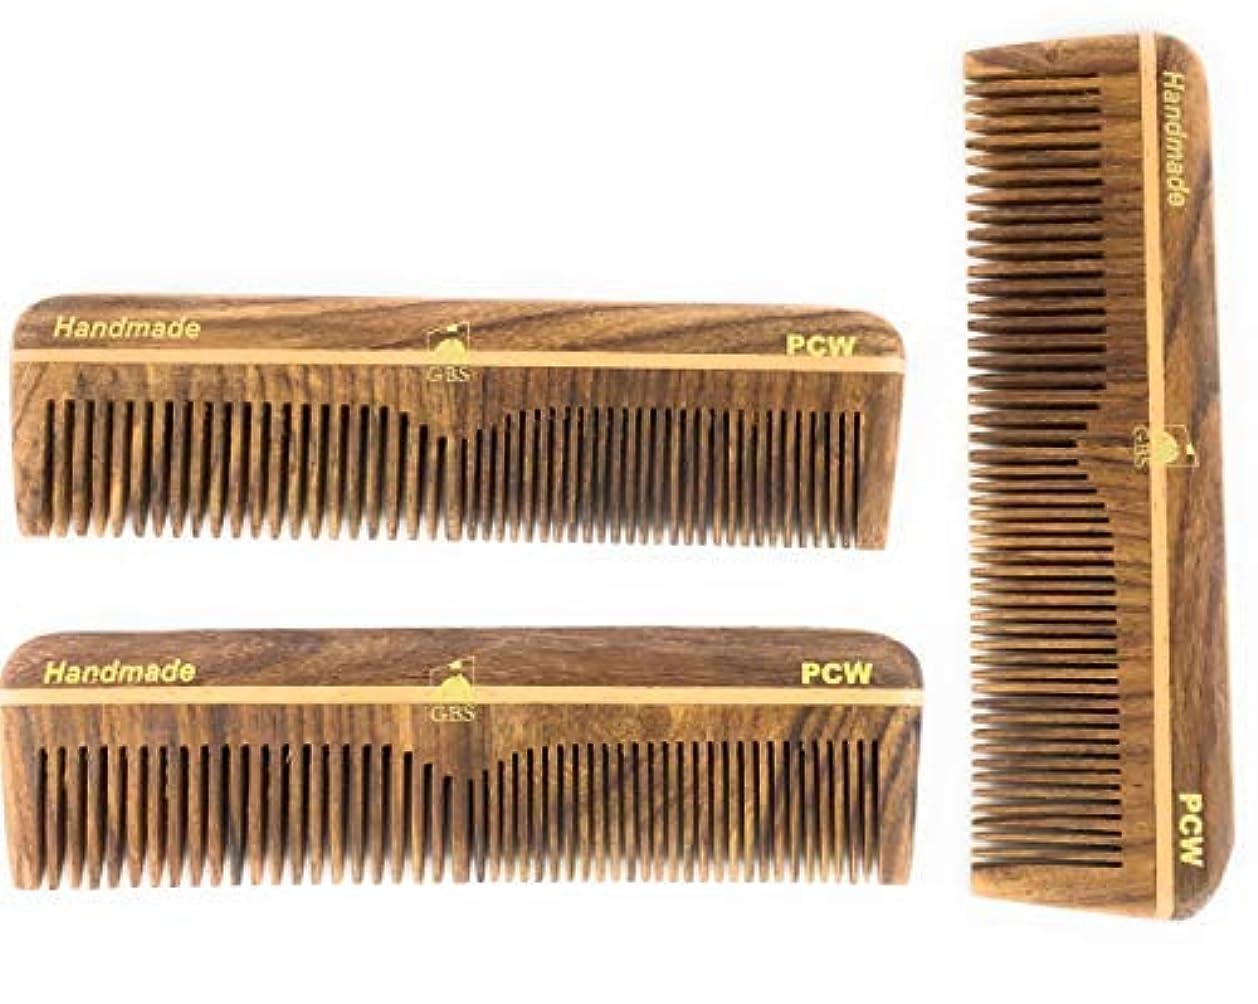 クッションおとうさん群集GBS Professional Grooming Comb - 5